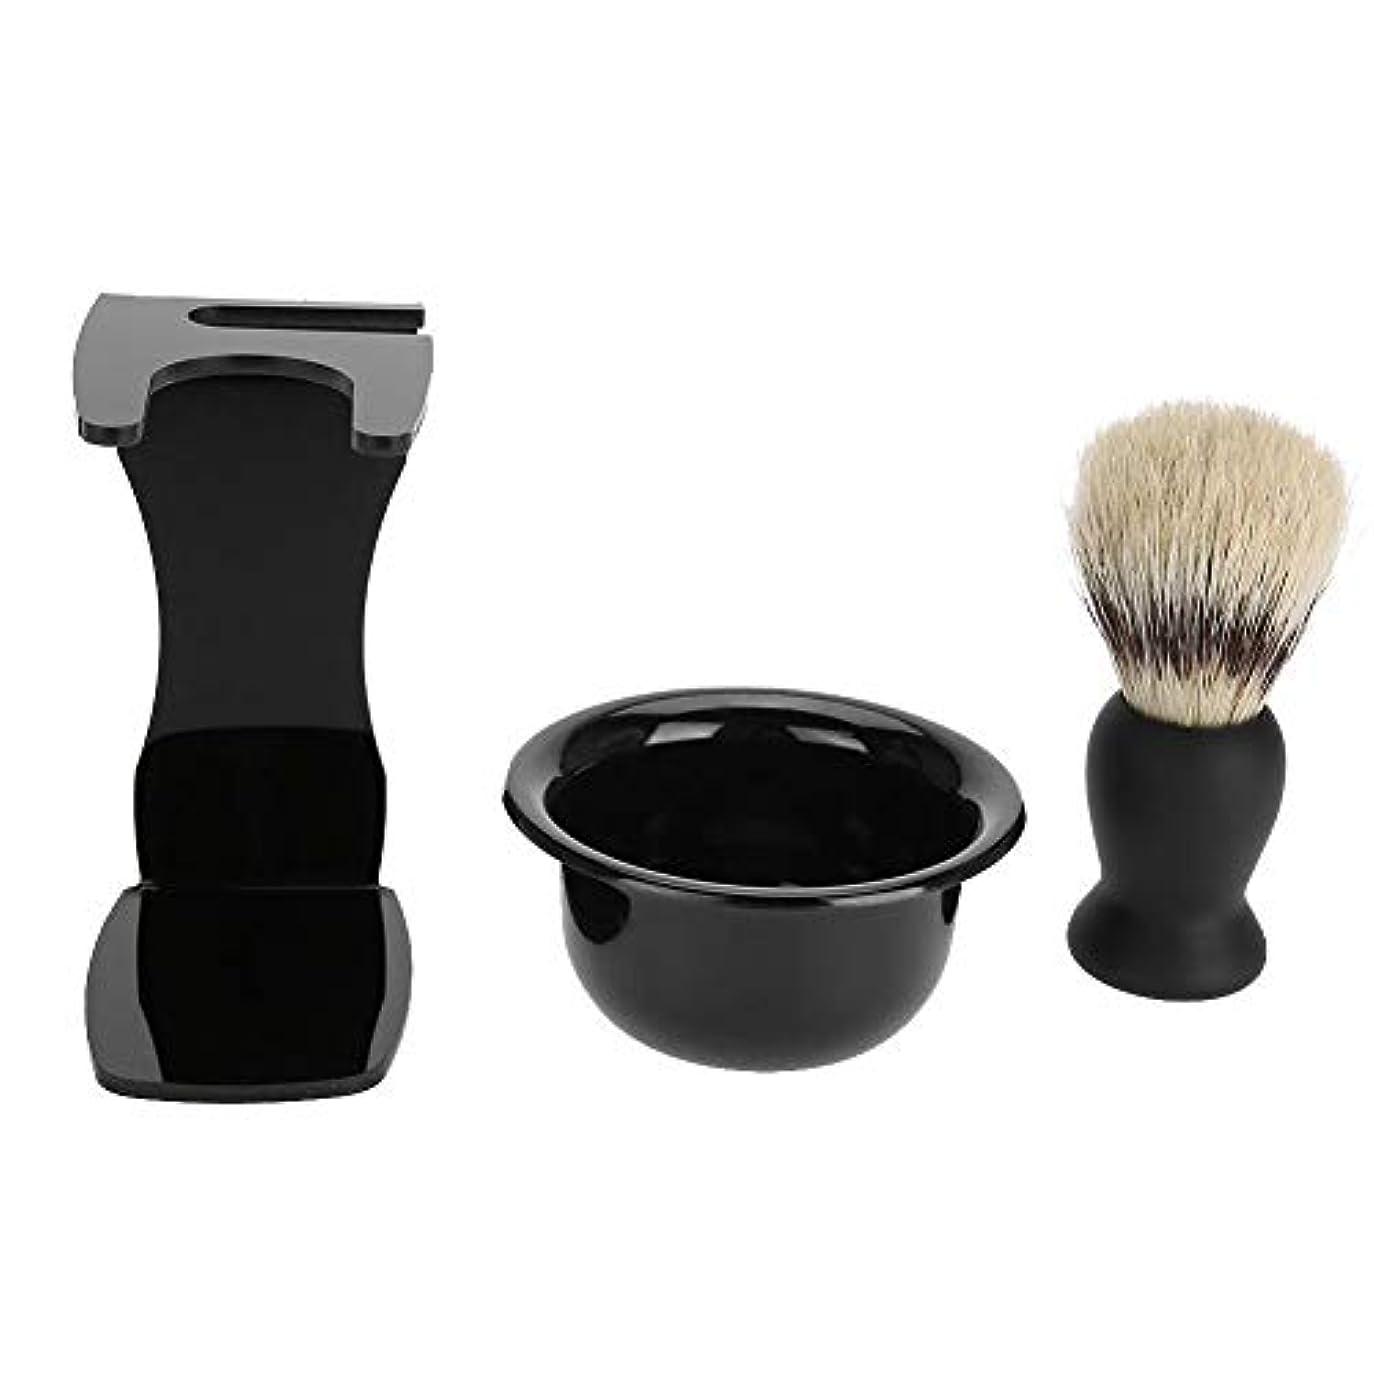 パドル低いグロー3に1メンズシェービングセットブラシスタンドソープボウル髭剃りホルダーアクリルクリーニングツール